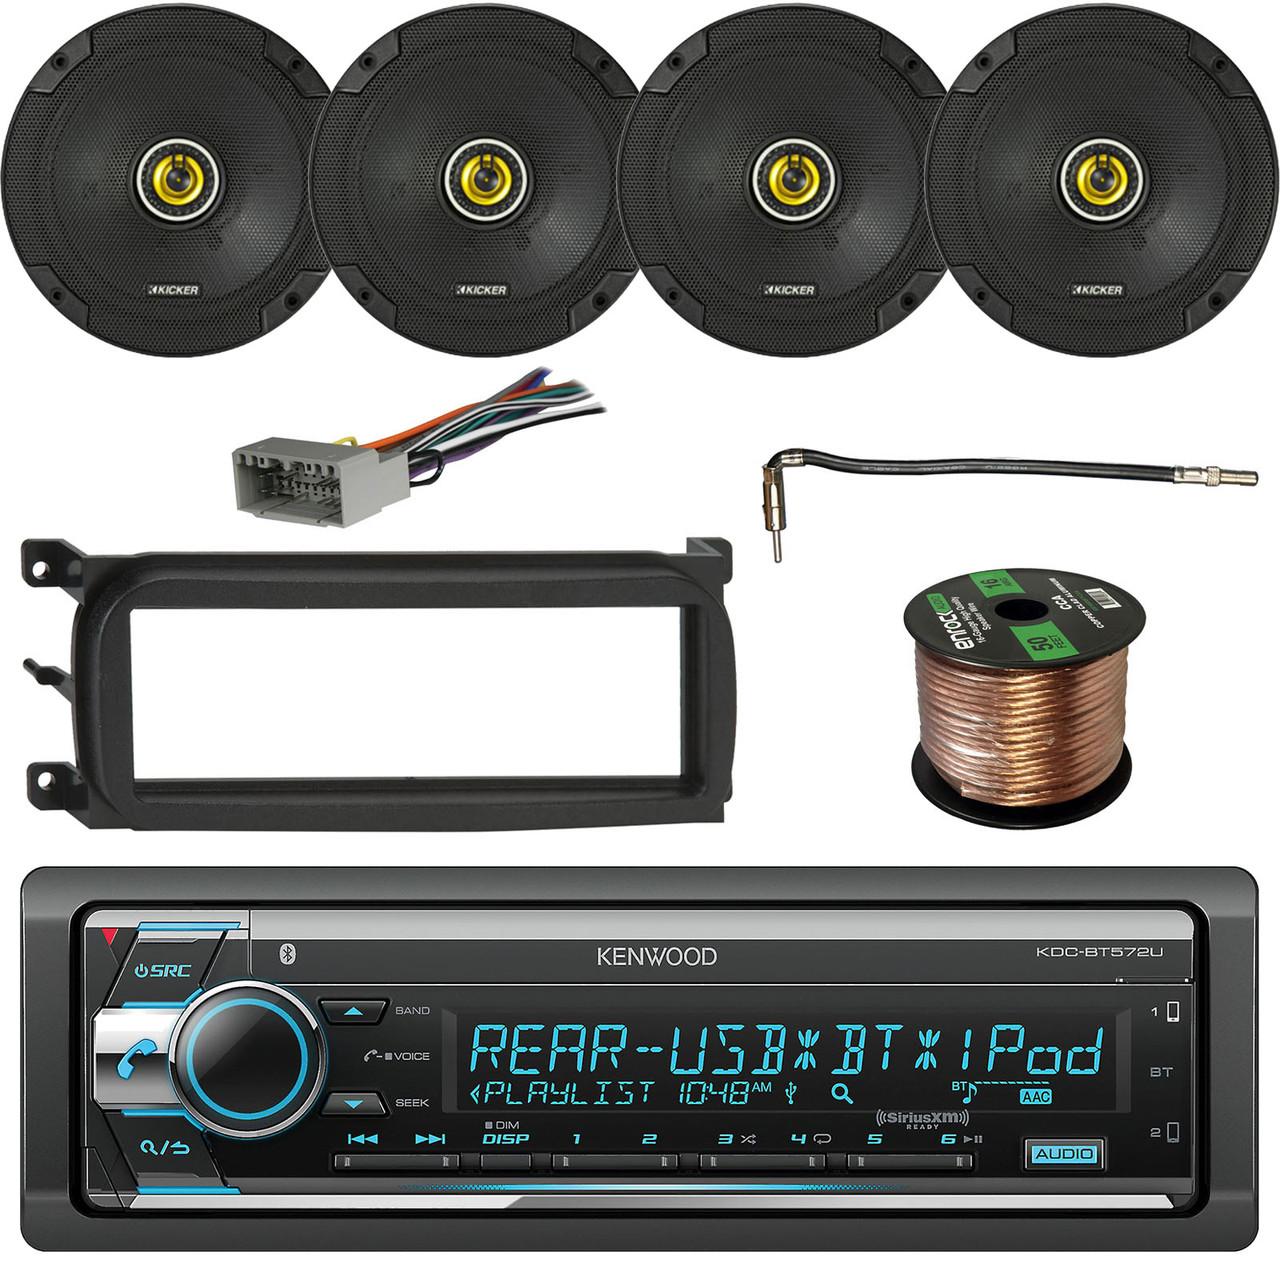 kenwood stereo receiver bluetooth w kicker 600w speakers 2 pairs on kenwood  [ 1280 x 1280 Pixel ]